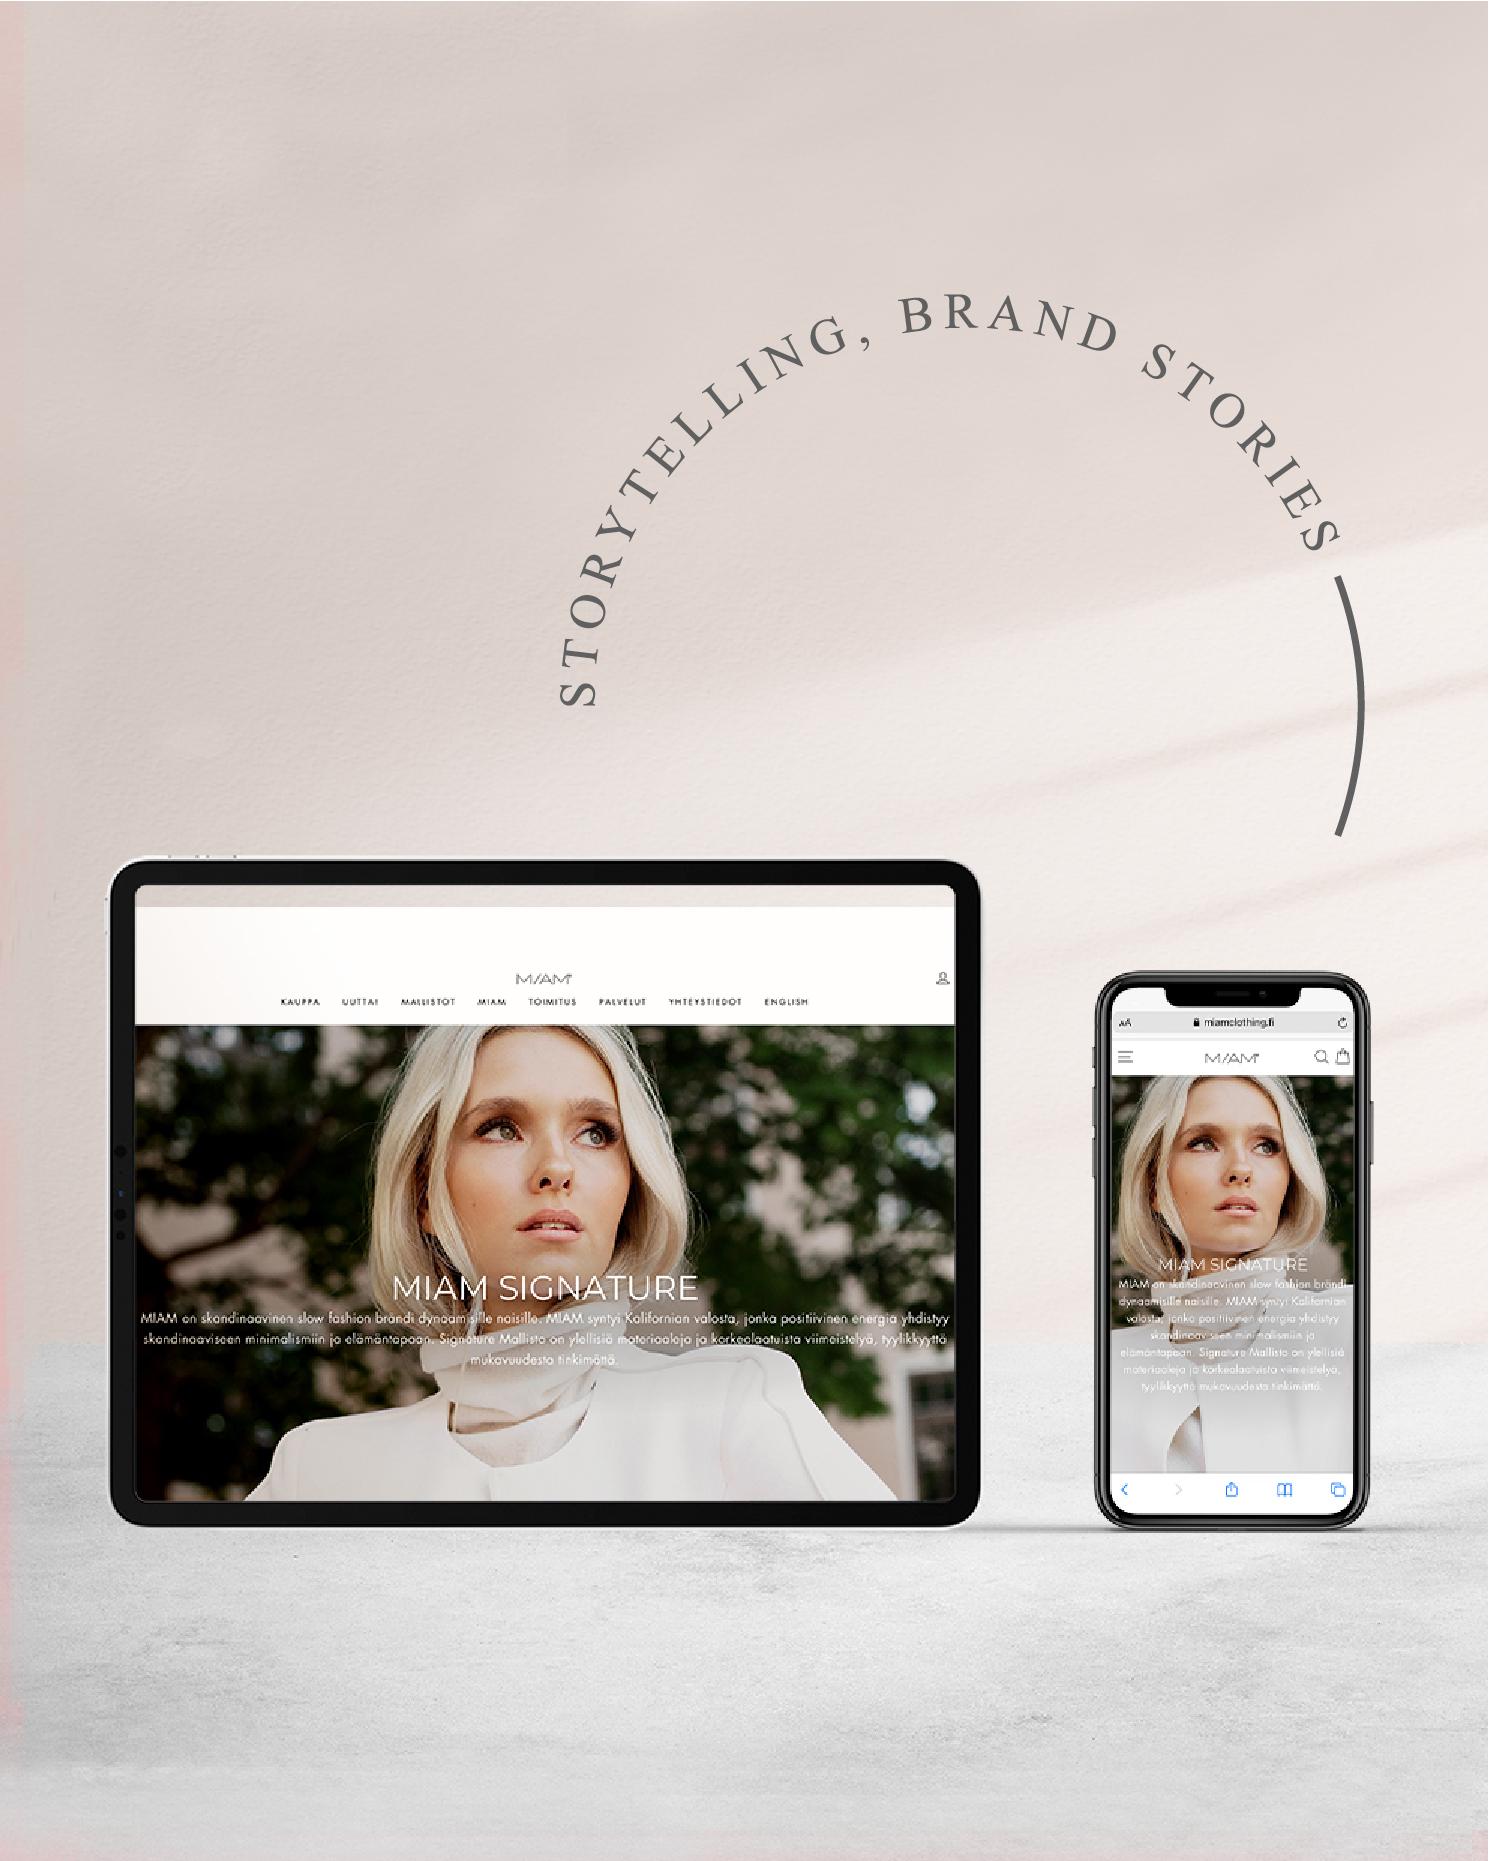 Brand story dor MIAM Clothing